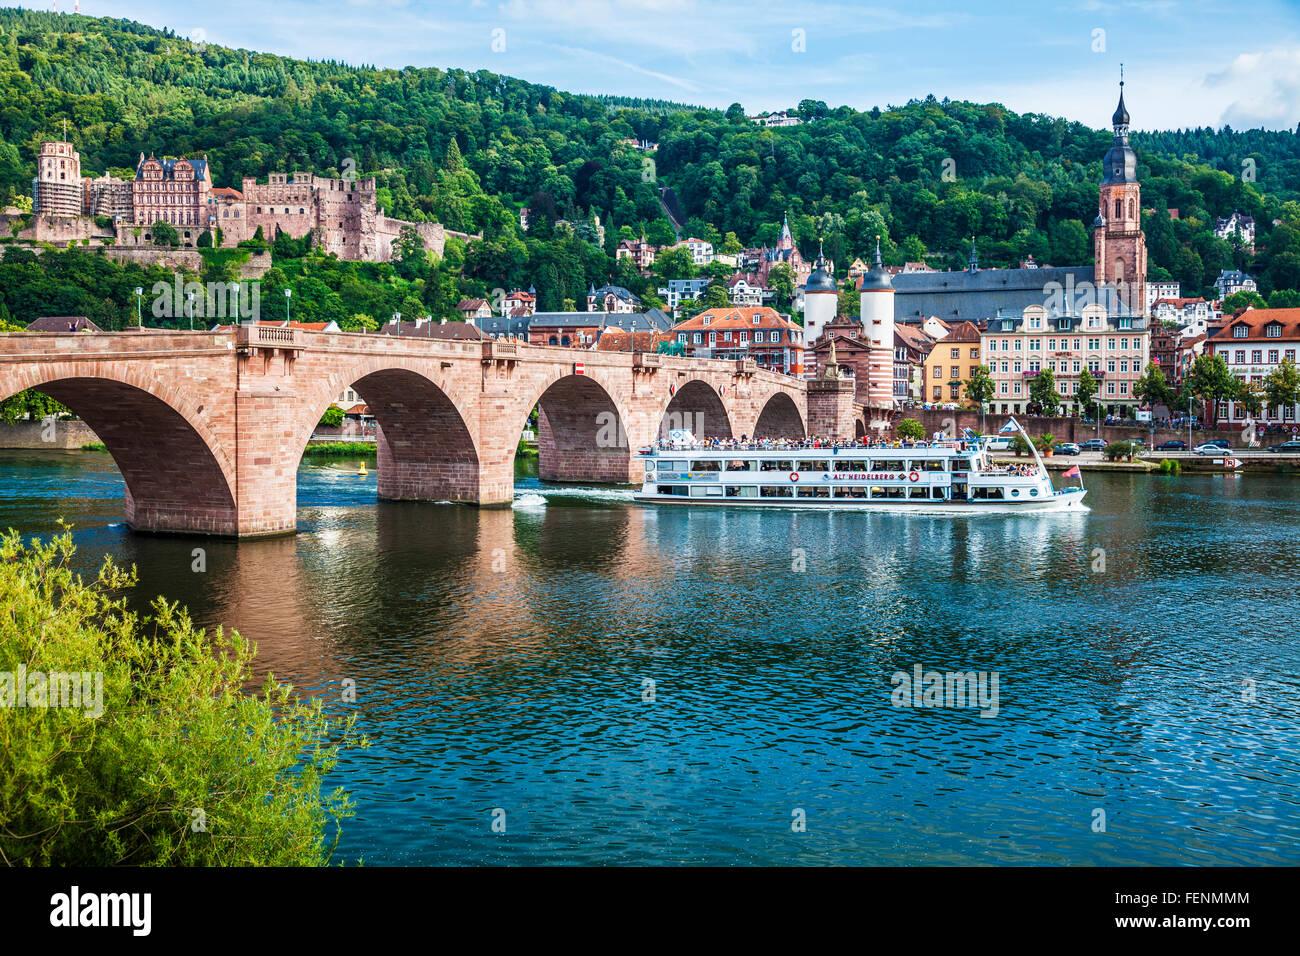 Ein Tourist cruise Boot geht unter der Karl-Theodor-Brücke über den Neckar in Heidelberg. Stockbild